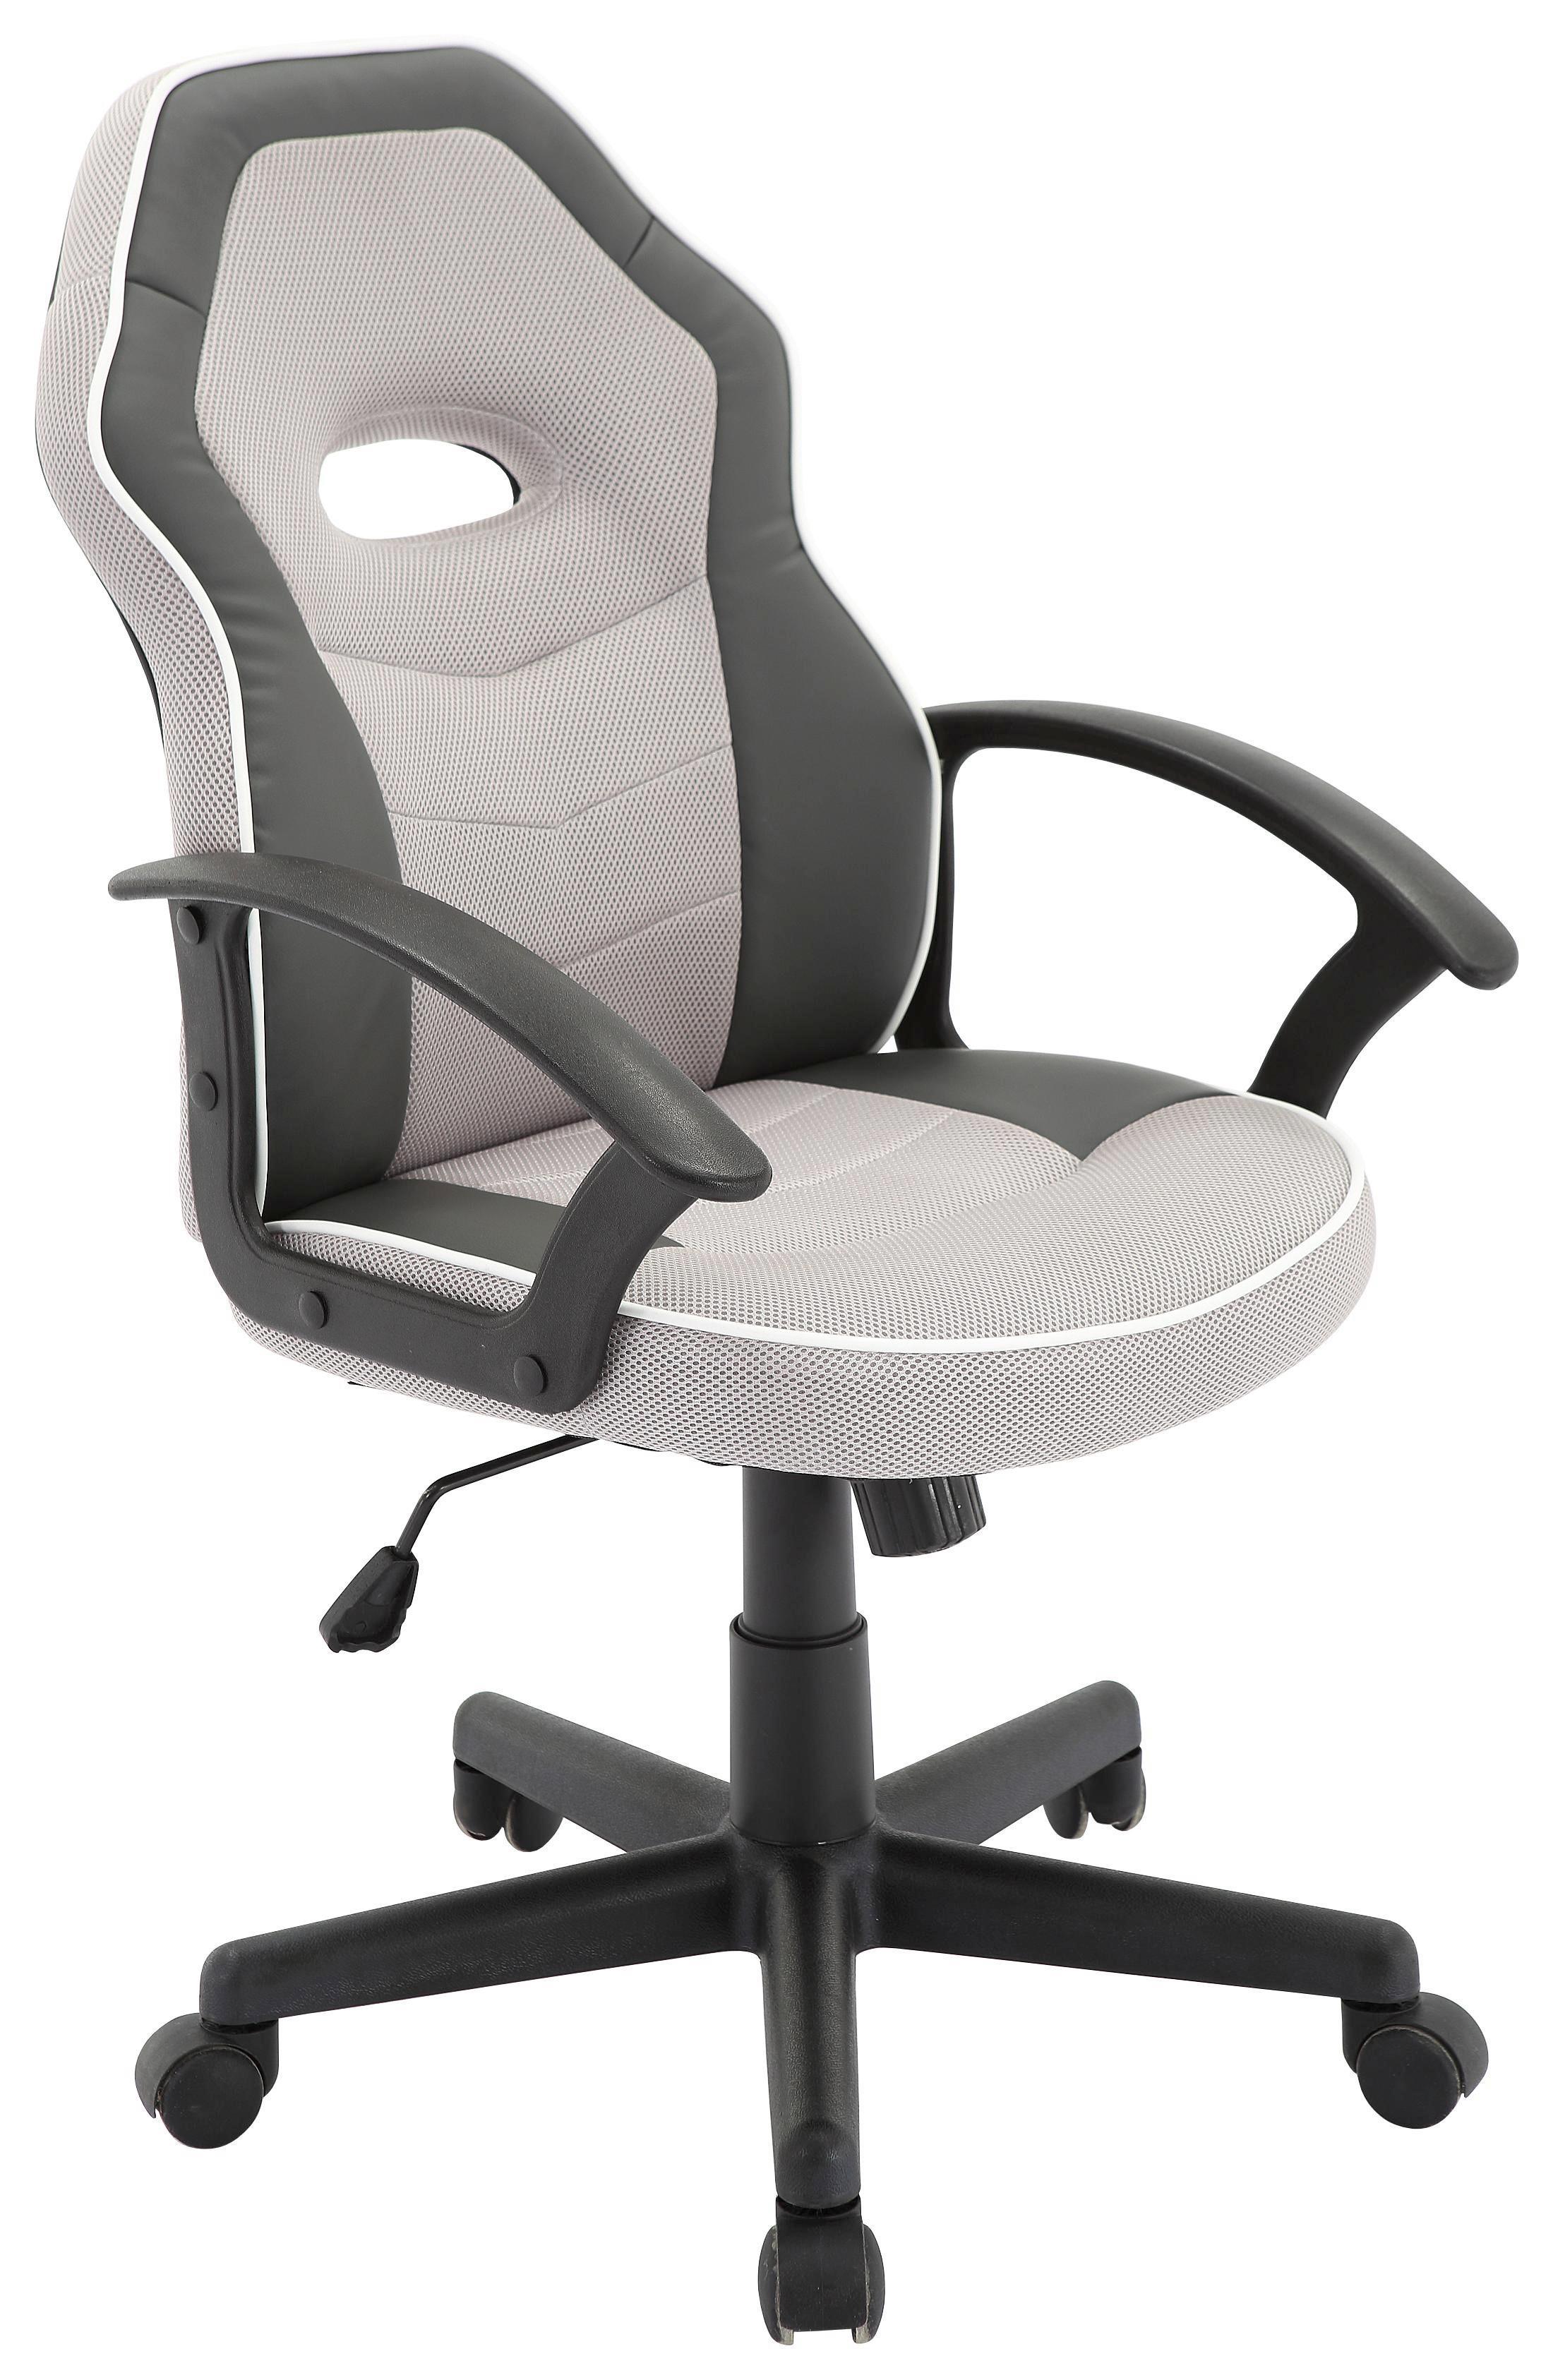 Drehstuhl weiß schwarz  Drehstuhl in Grau/Weiß online kaufen ➤ mömax